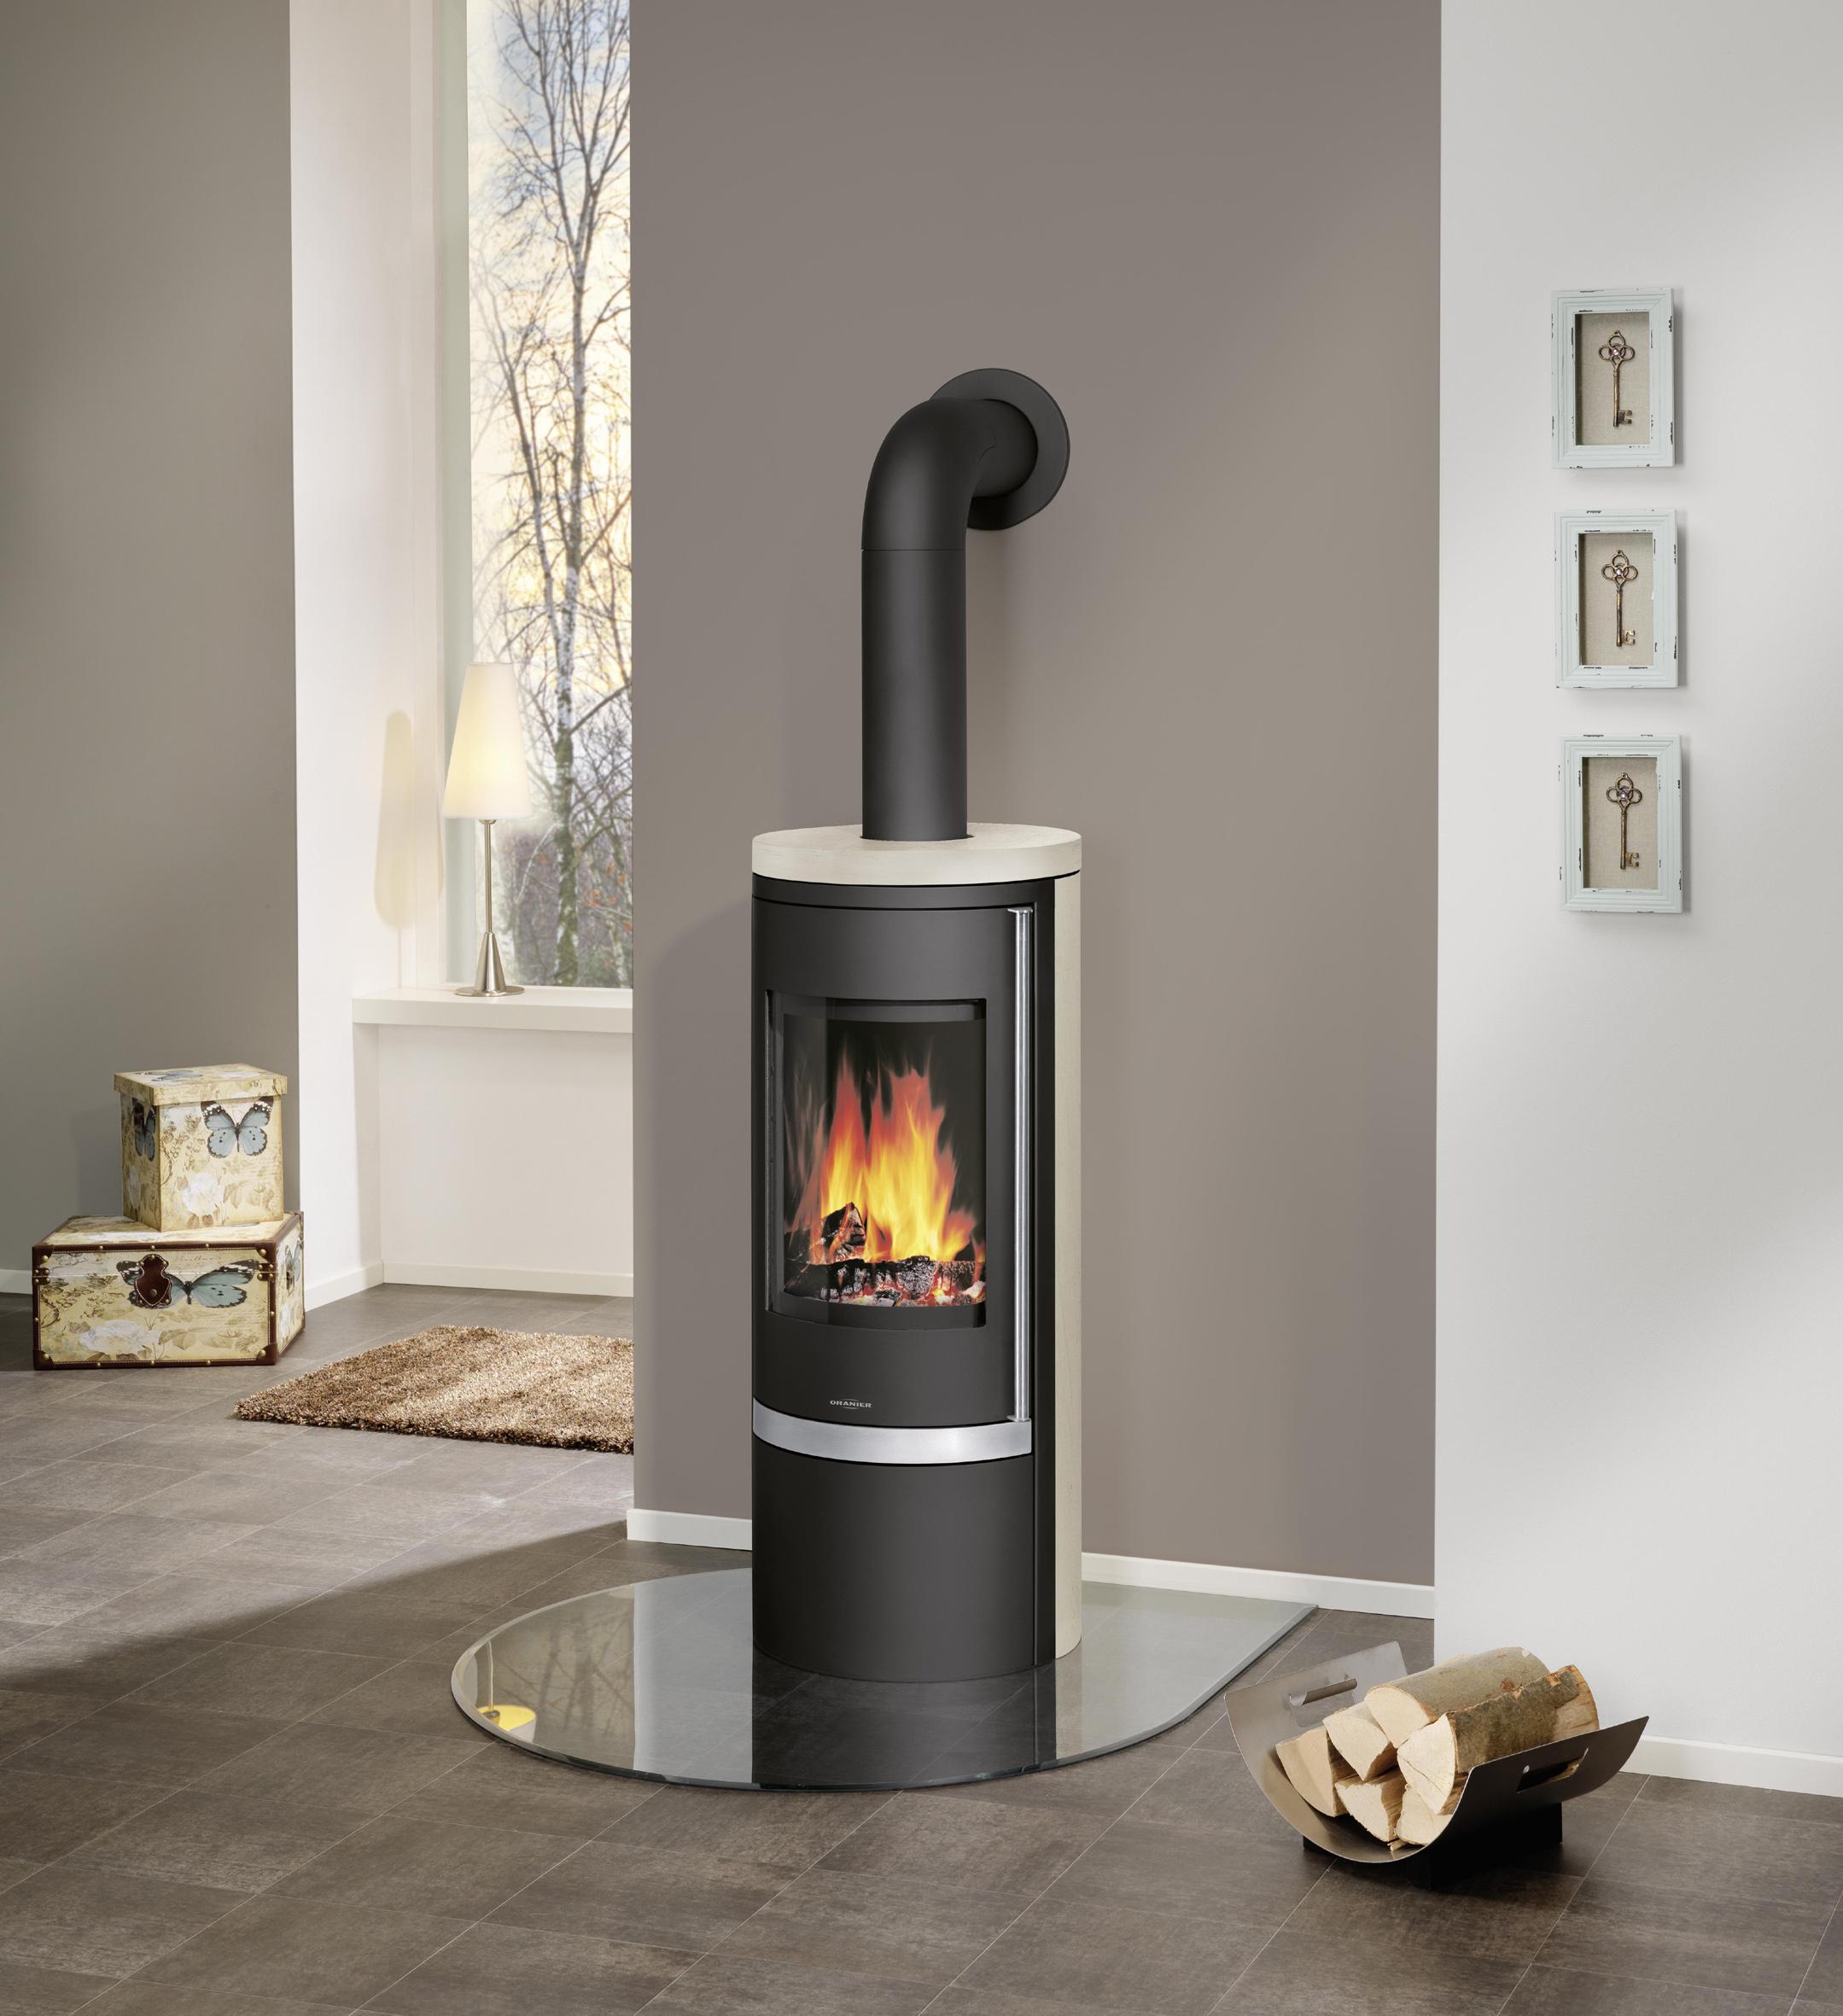 ofenhersteller aus aller welt und ihre spitzenprodukte 2 blog brennstoffe vulcano. Black Bedroom Furniture Sets. Home Design Ideas